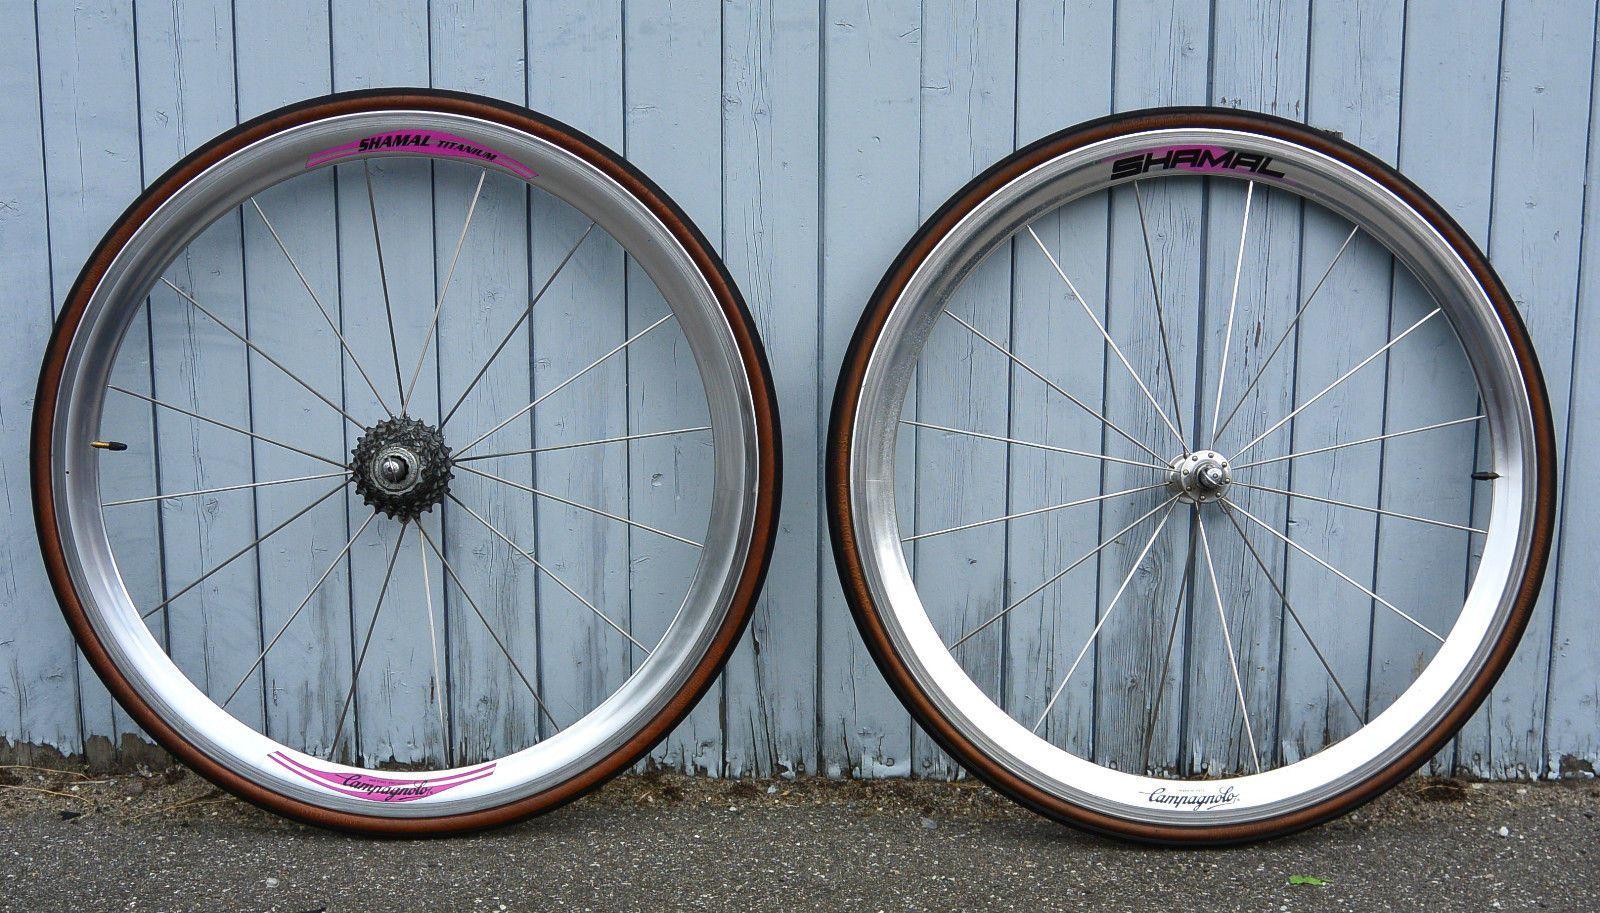 Campagnolo Shamal Wheelset Laufradsatz Clincher 700c 12 HPW Chorus 8 Speed Fach | eBay